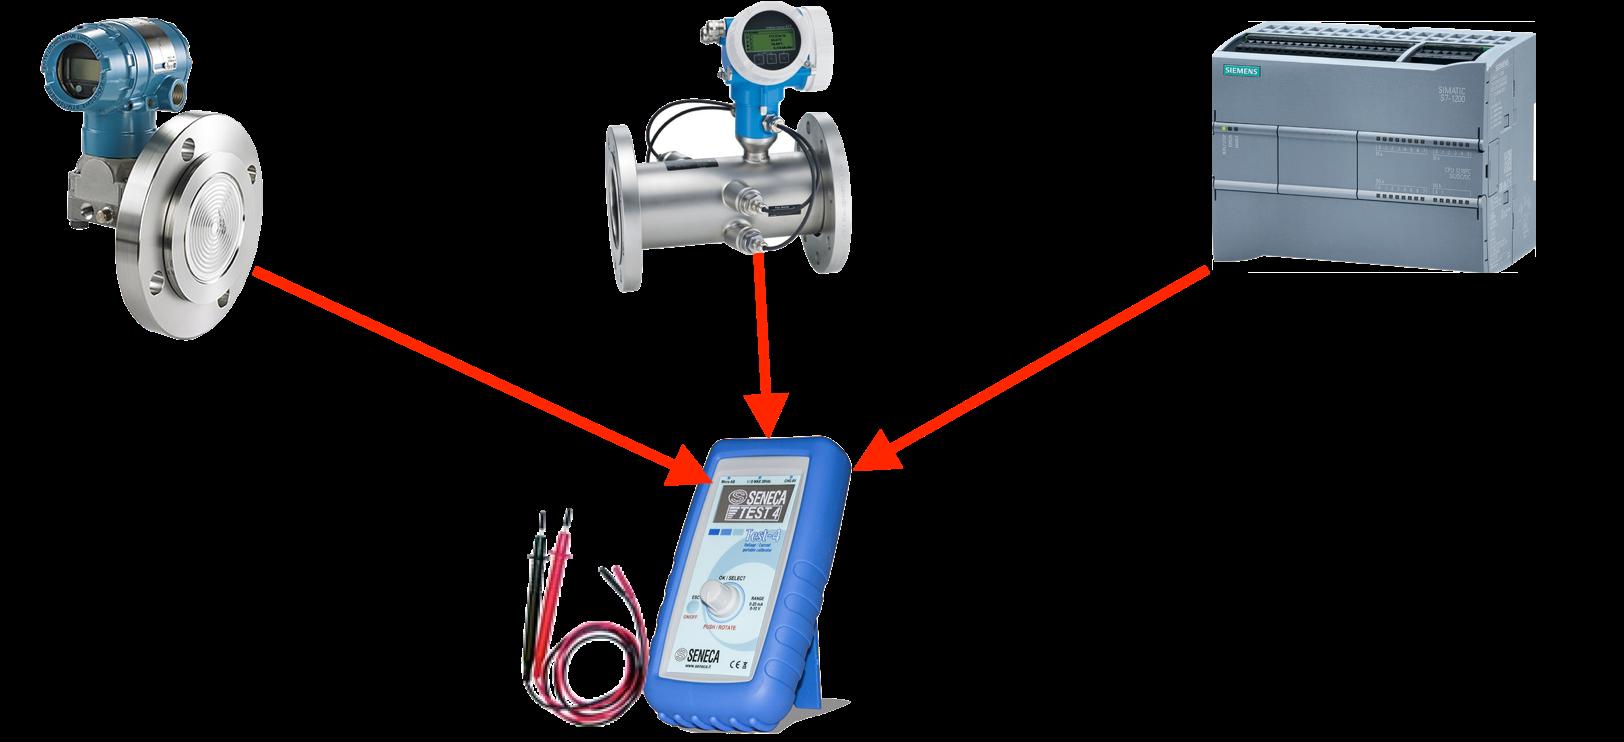 đo tín hiệu 4-20mA bằng Seneca TEST-4